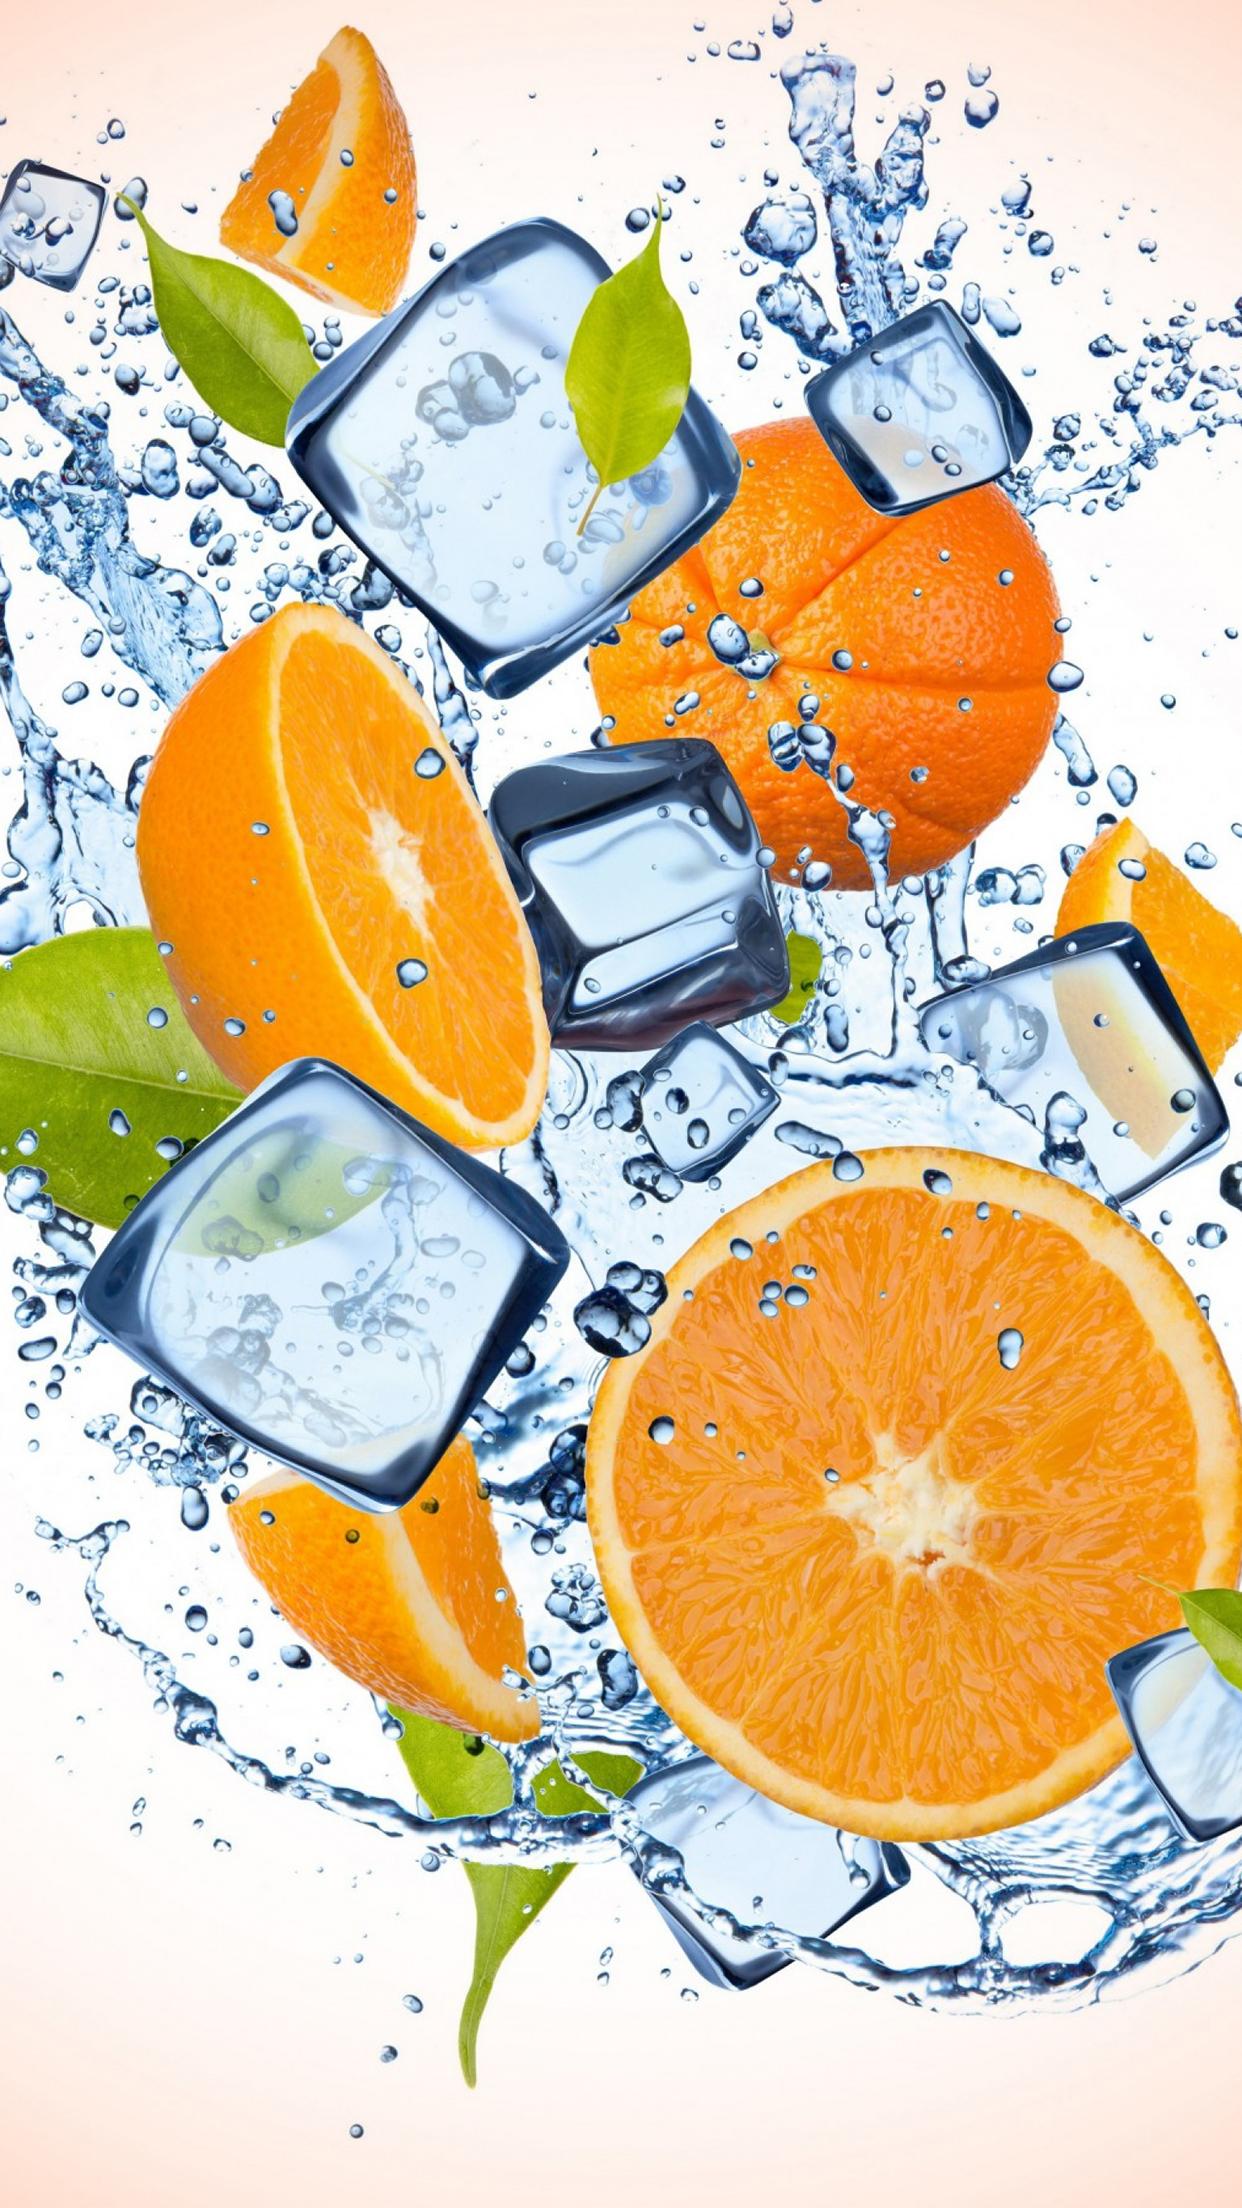 Orange Ice 1 3Wallpapers iPhone Parallax Orange : Ice 1